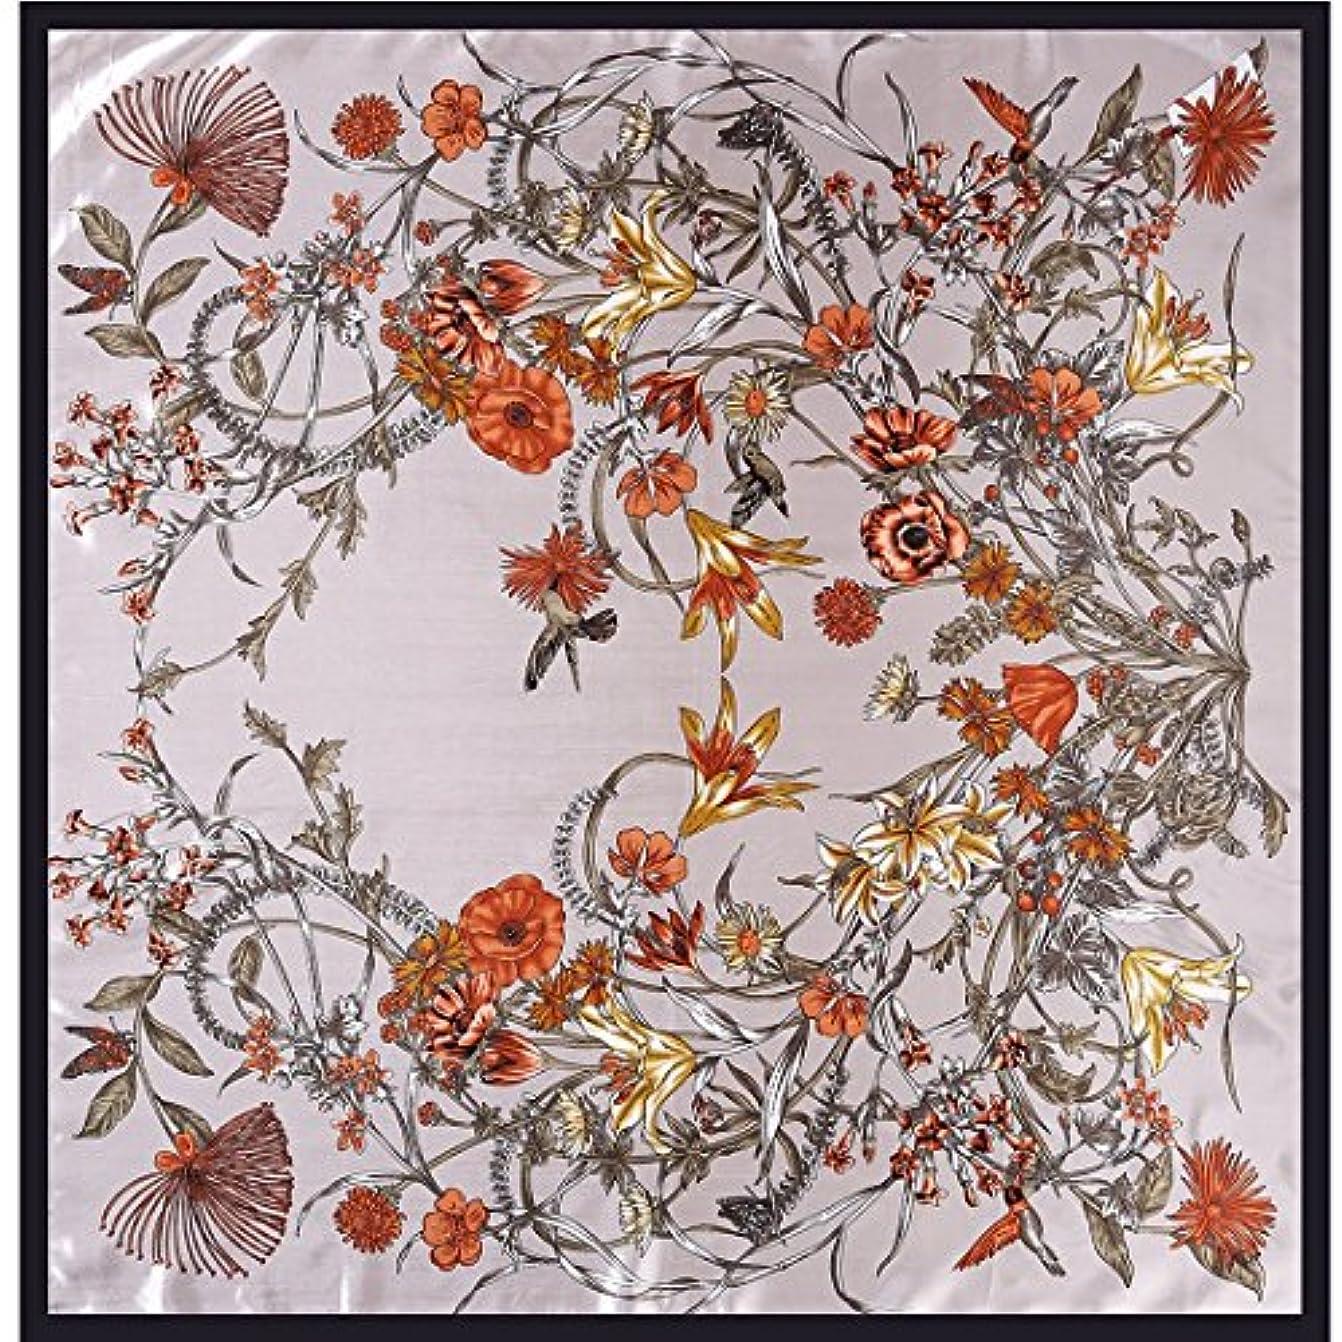 ベッドを作る賢い感心するExonlyone エレガントなレディースシルクスカーフ花のサテンプリントスクエアスカーフ女性のシングルスカーフショールスクエアスカーフ